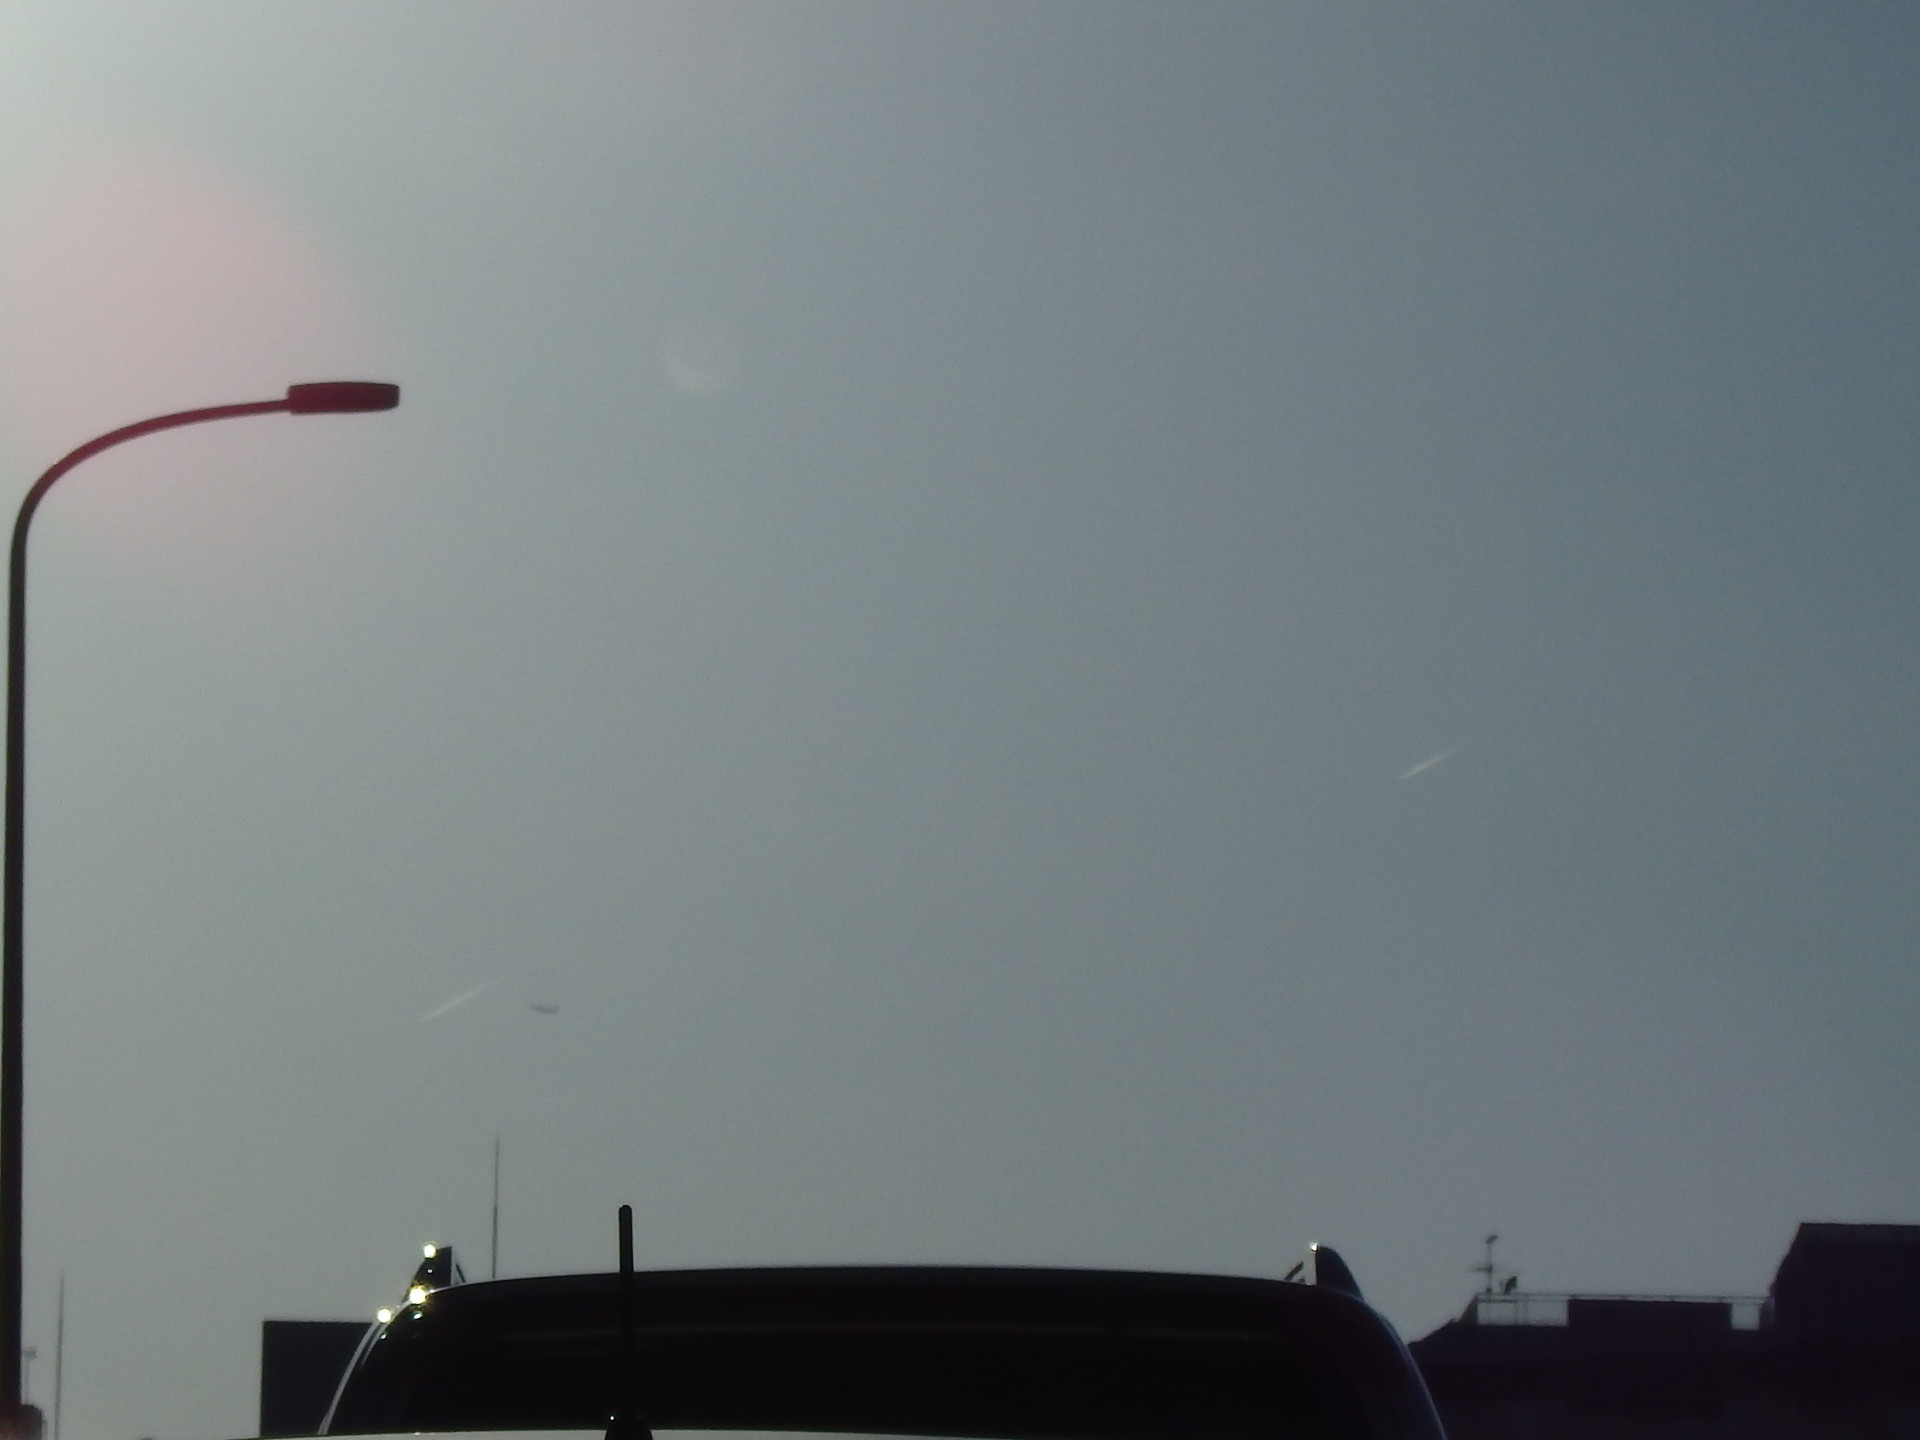 エンルート機が2機続けて見られました。